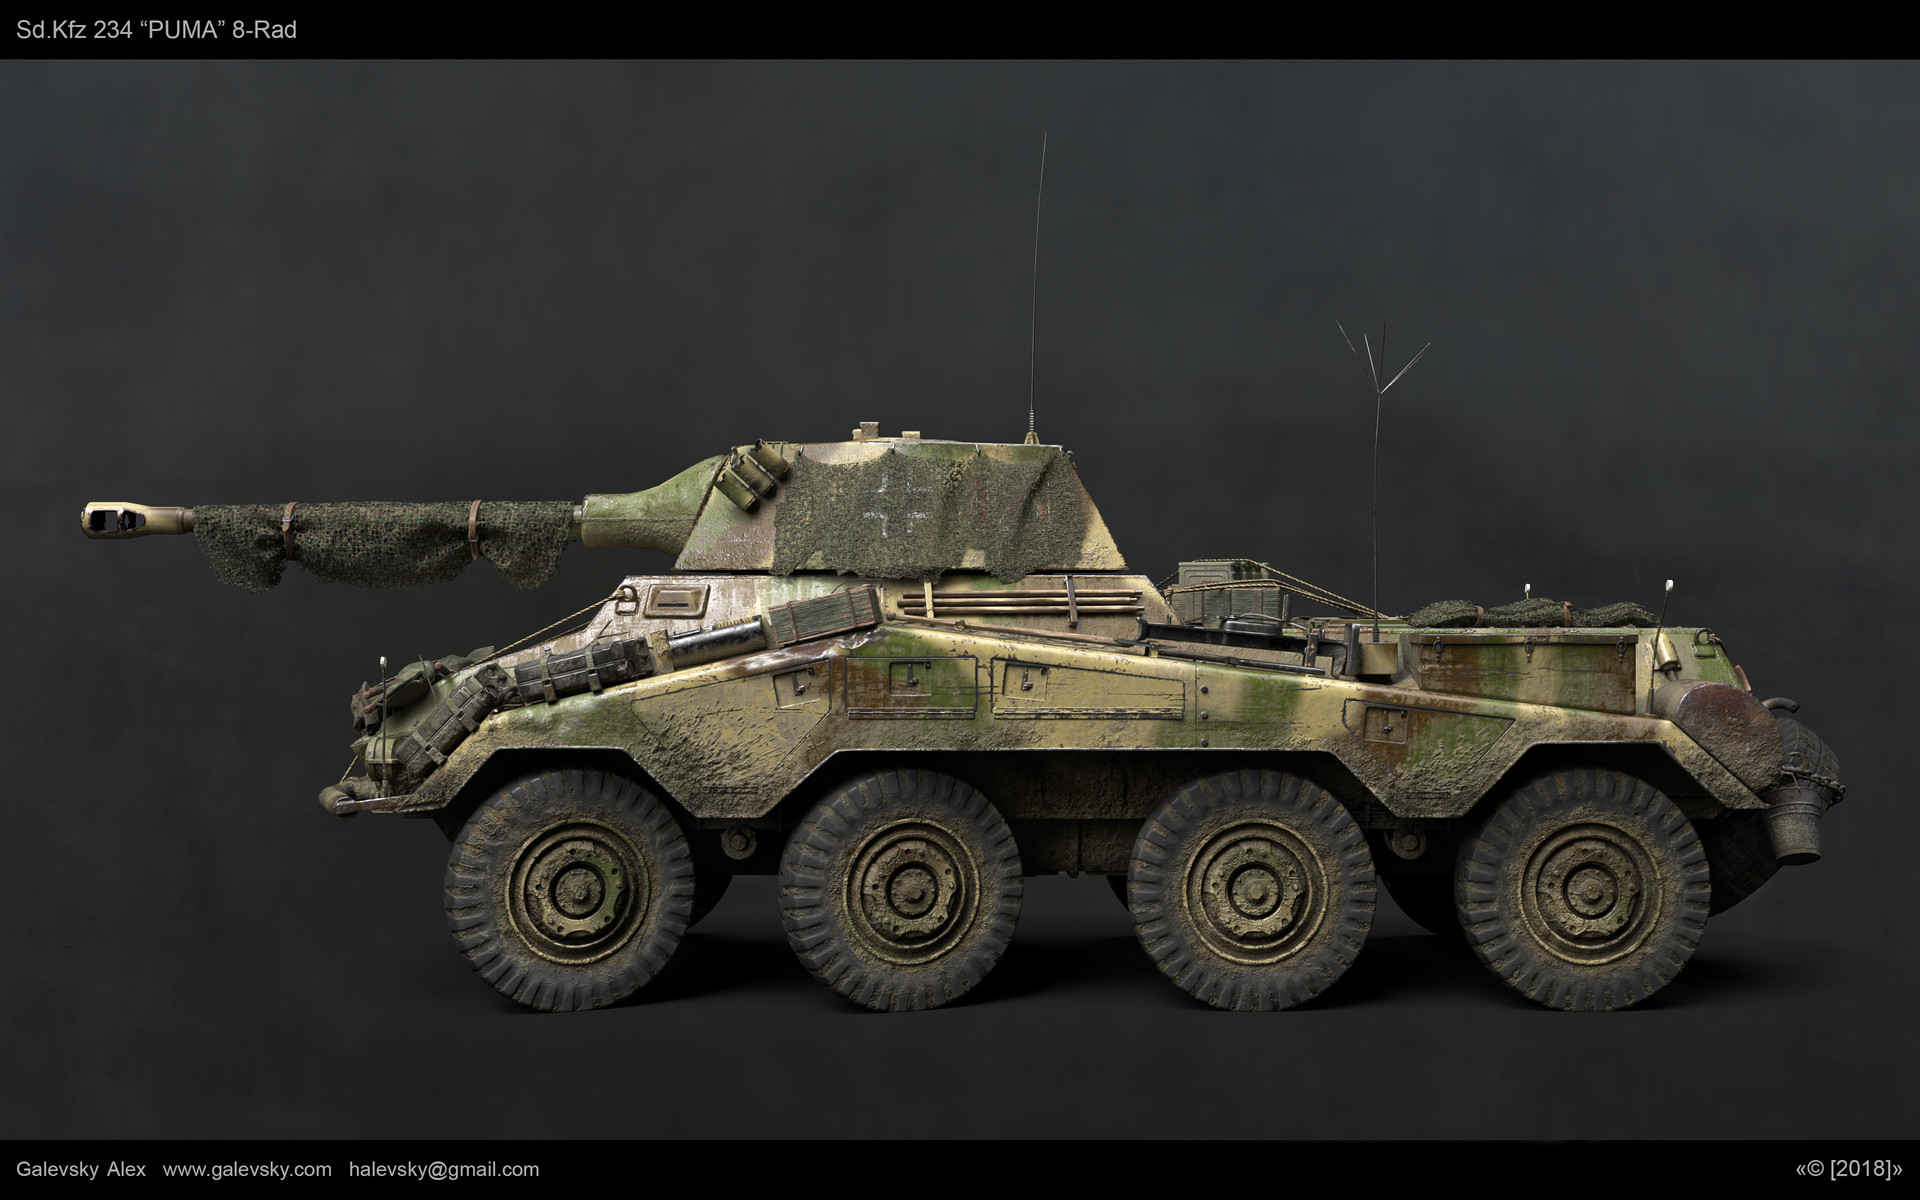 Aleksander galevskyi model fin 09